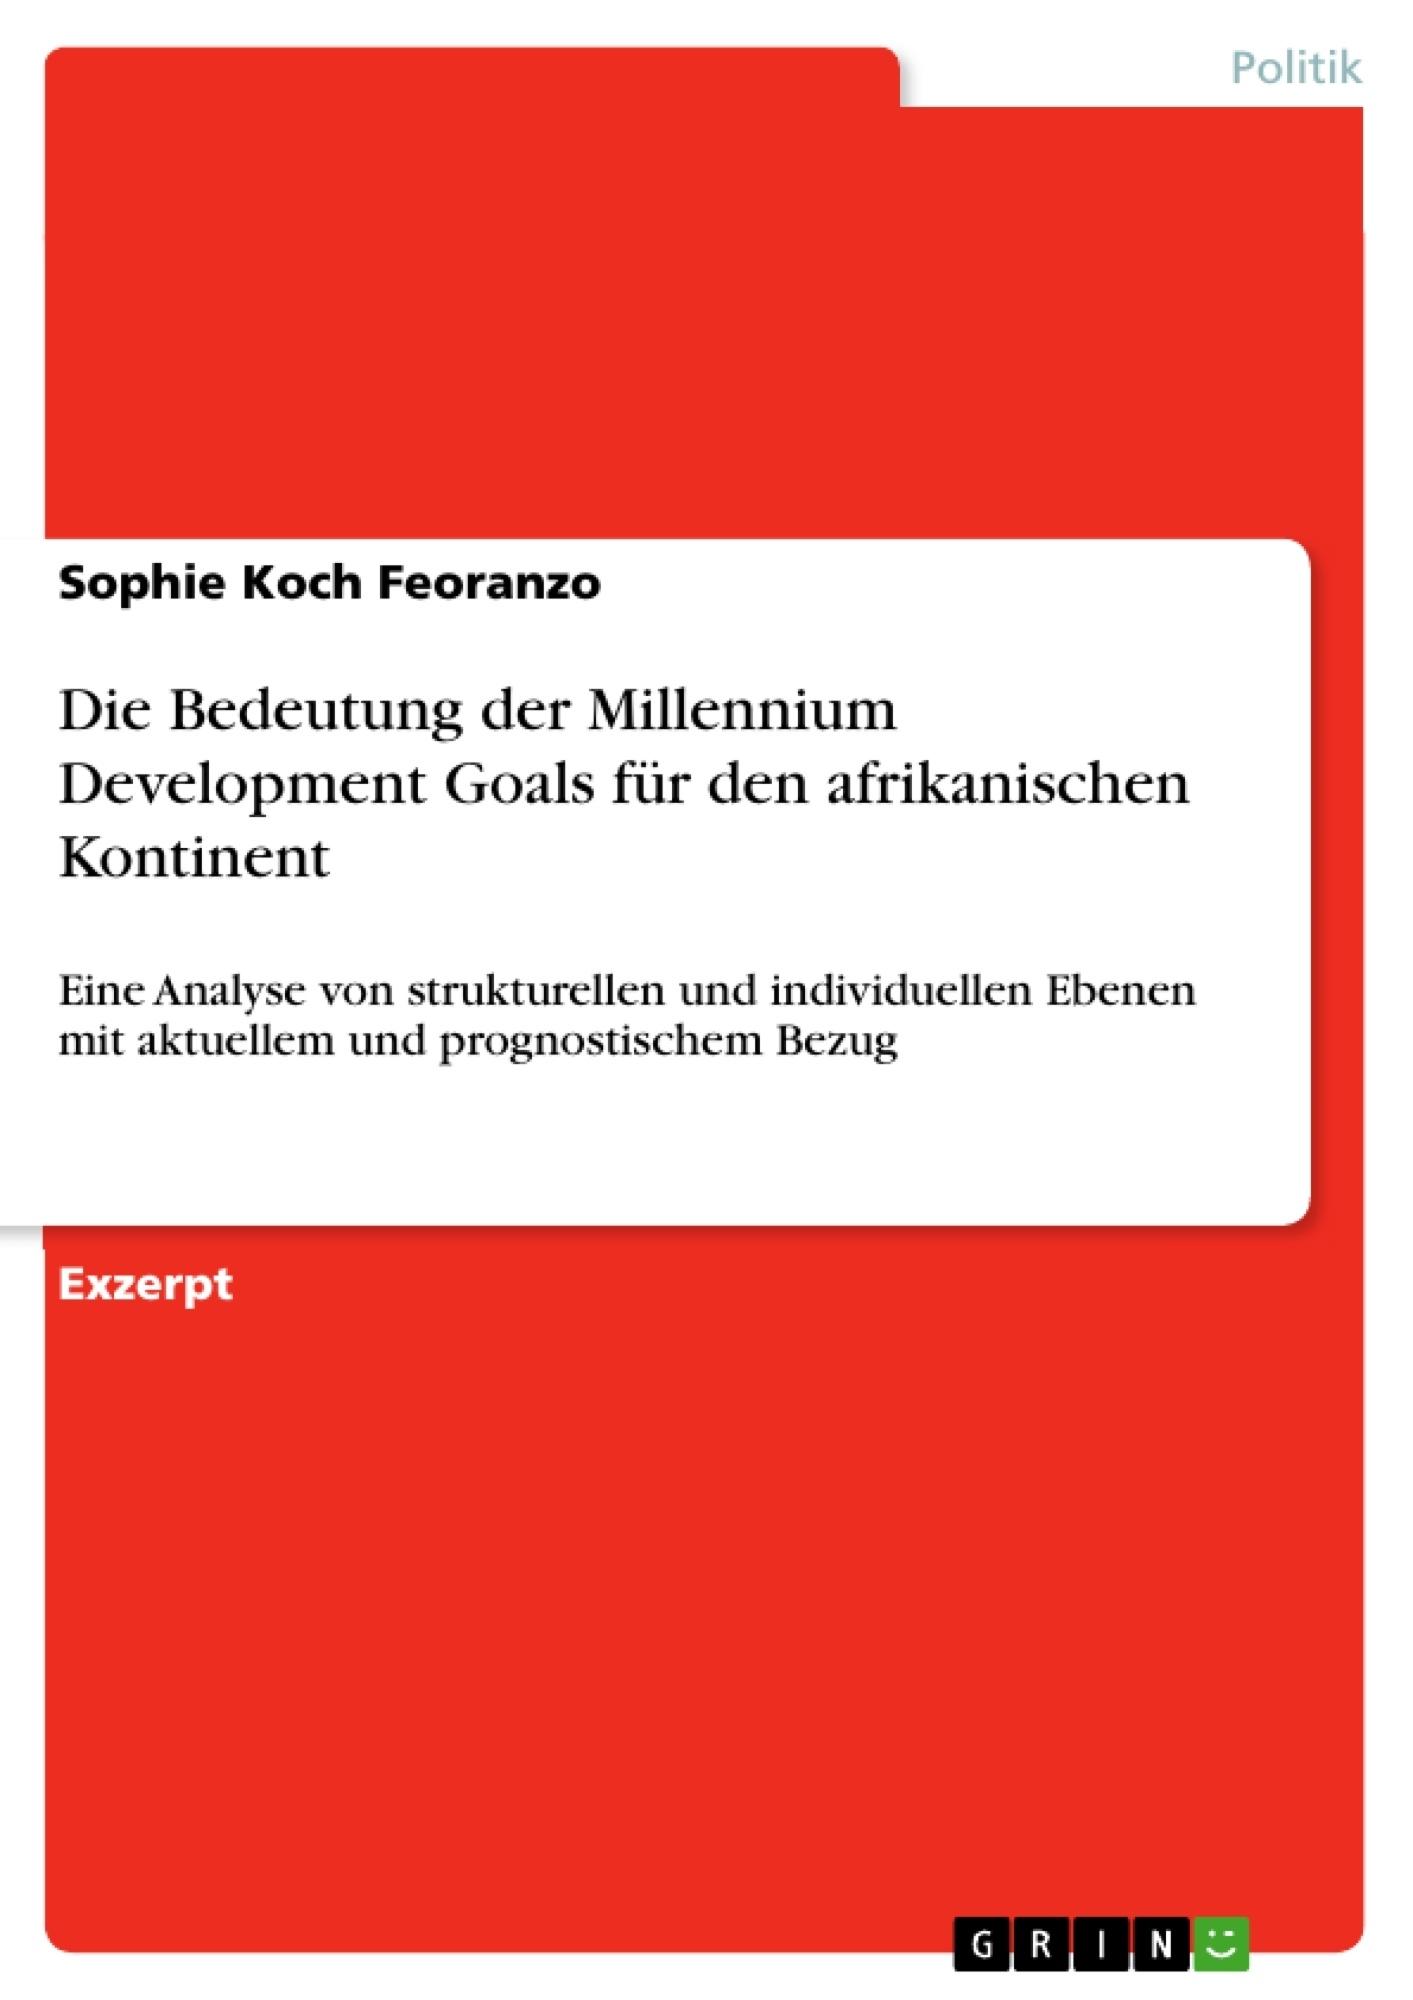 Titel: Die Bedeutung der Millennium Development Goals für den afrikanischen Kontinent